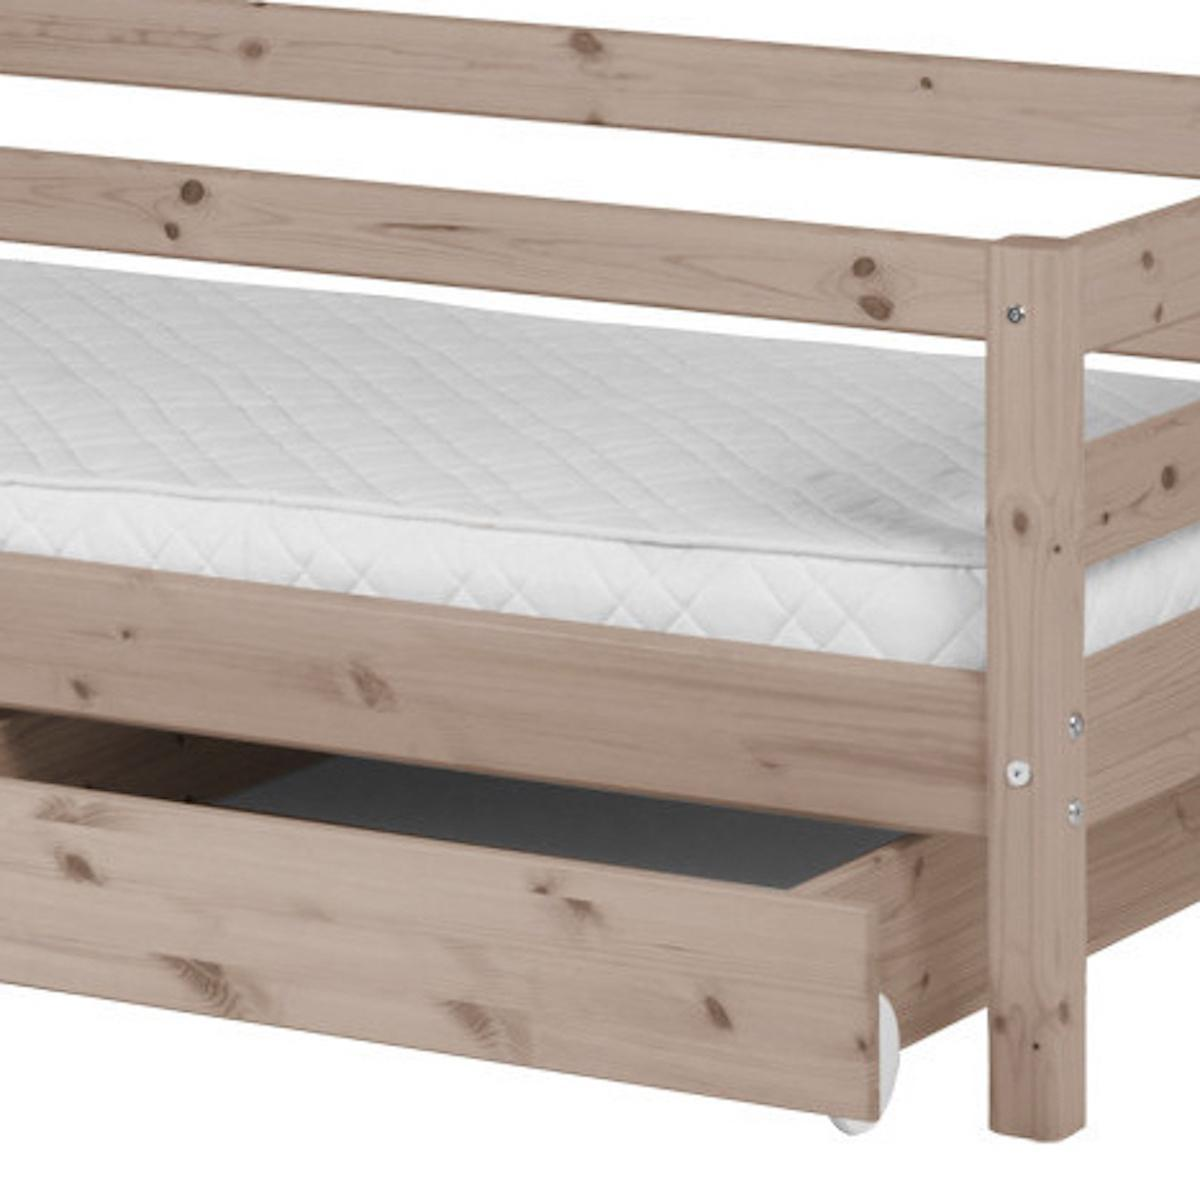 Bett 90x200cm + 2 Schubladen CLASSIC LINE by Flexa terra